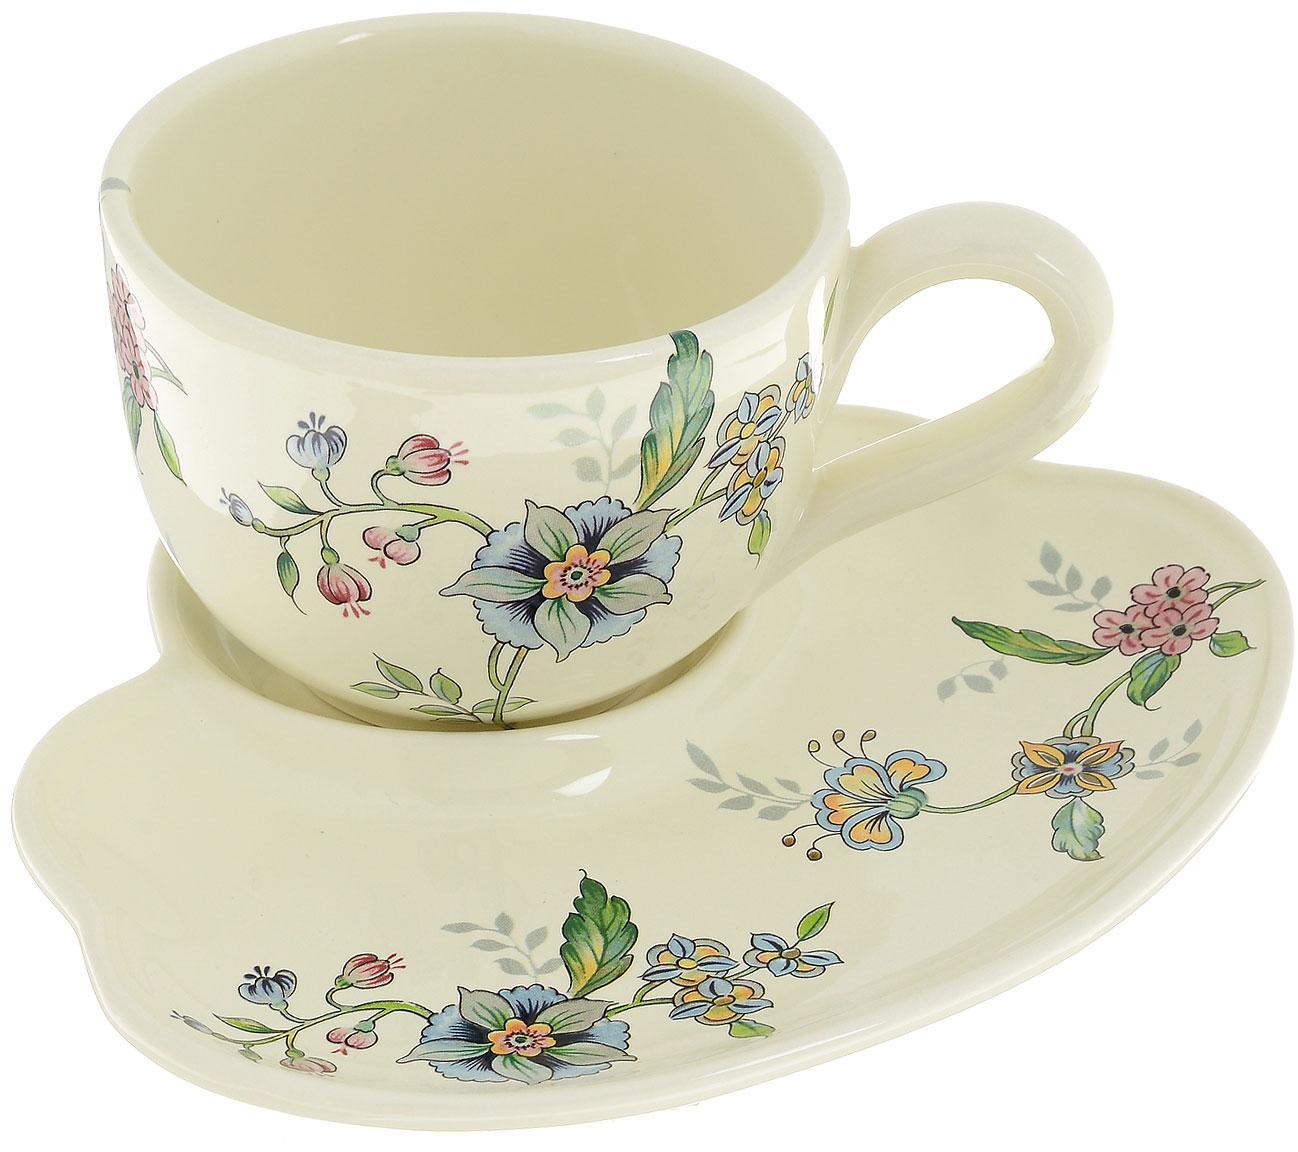 Набор для завтрака Nuova Cer Прованс, 2 предмета115510Набор для завтрака Nuova Cer Прованс состоит из чашки и тарелки, изготовленных из высококачественной керамики. Изделия оформлены цветочным узором. Красочность оформления придется по вкусу и ценителям классики, и тем, кто предпочитает утонченность и изысканность. Такой набор прекрасно дополнит сервировку стола к завтраку и подчеркнет ваш безупречный вкус.Набор для завтрака Nuova Cer Прованс - это прекрасный подарок к любому случаю. Изделия нельзя мыть в посудомоечной машине.Объем чашки: 600 мл.Диаметр чашки (по верхнему краю): 12 см.Высота чашки: 9 см.Размер тарелки: 20 х 23 см.